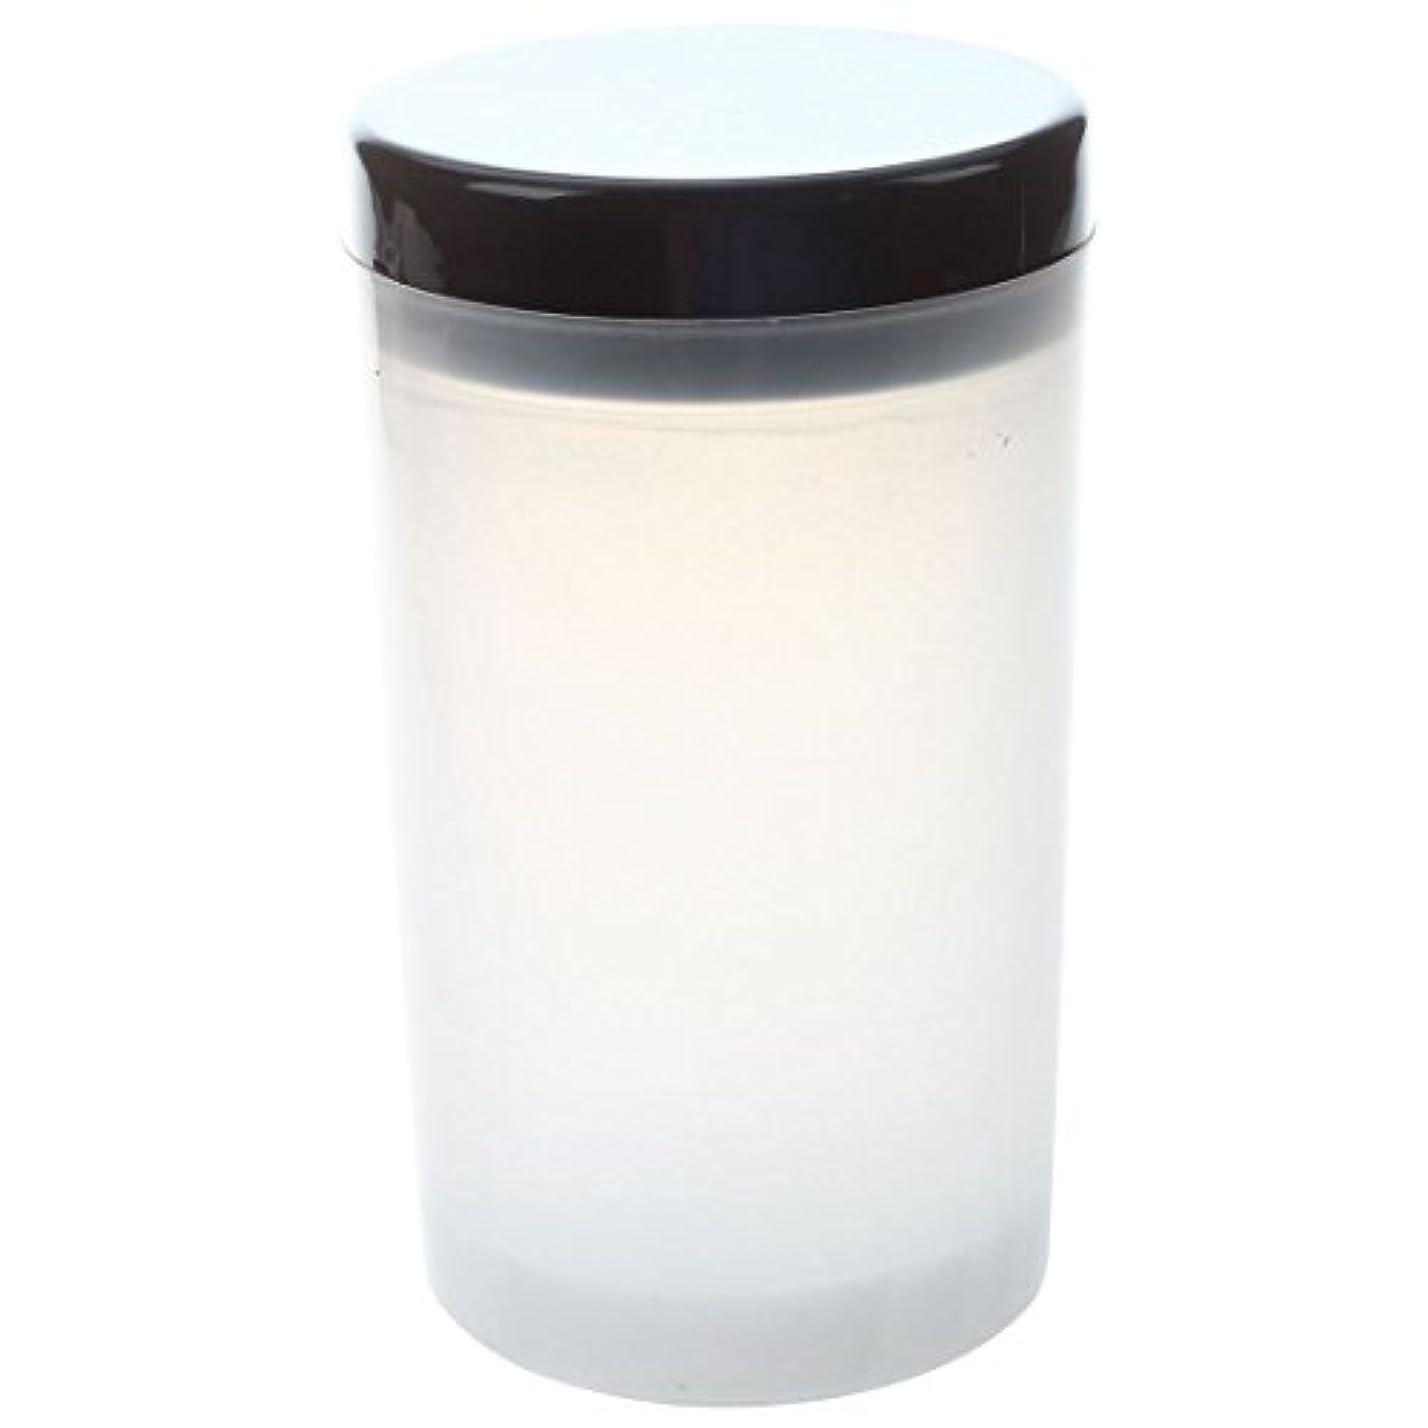 継承速記自分のCikuso ネイルアートチップブラシホルダー リムーバーカップカップ浸漬ブラシ クリーナーボトル